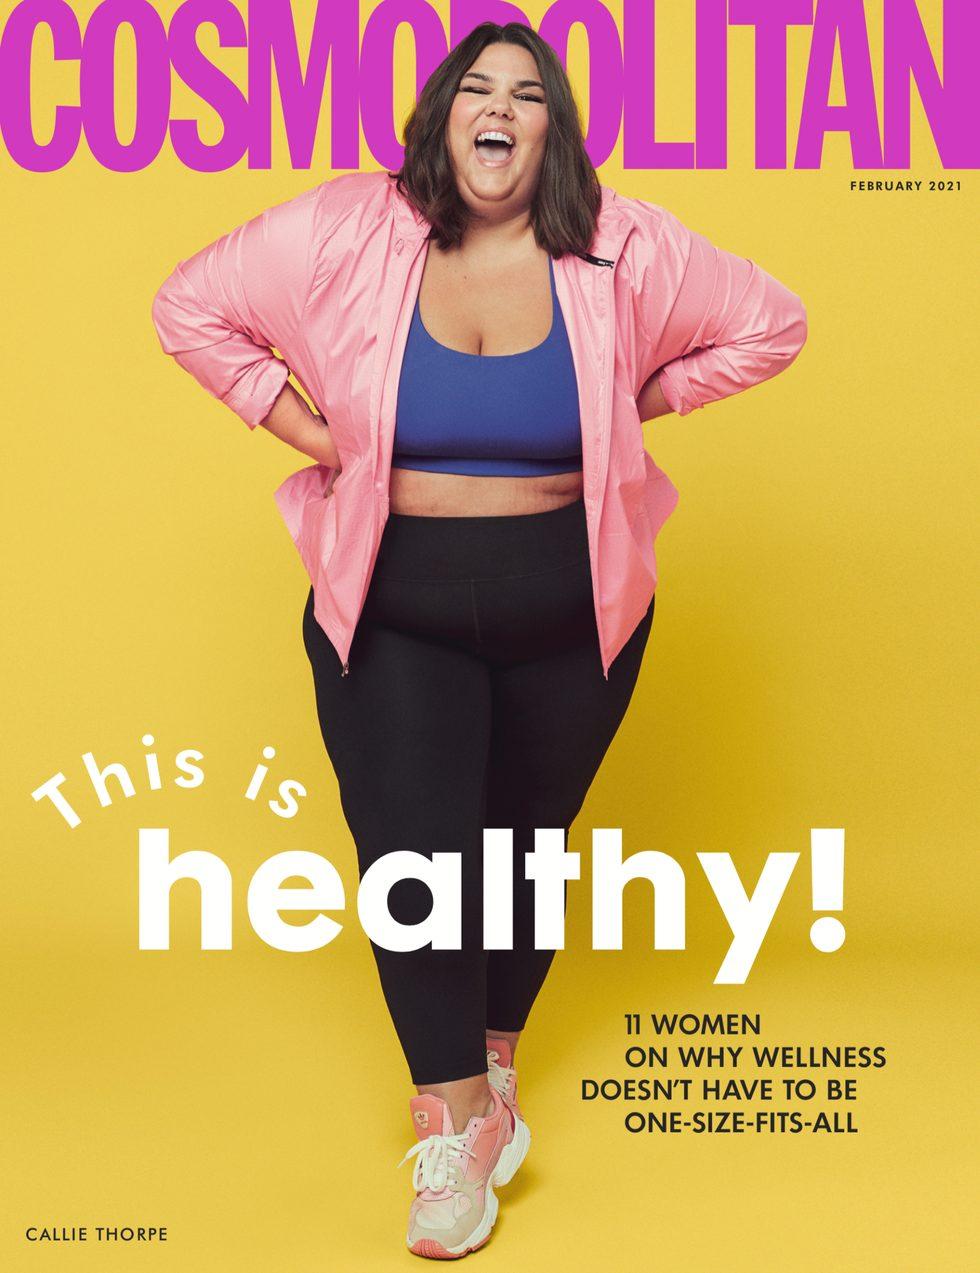 La obesidad mórbida es la verdadera salud